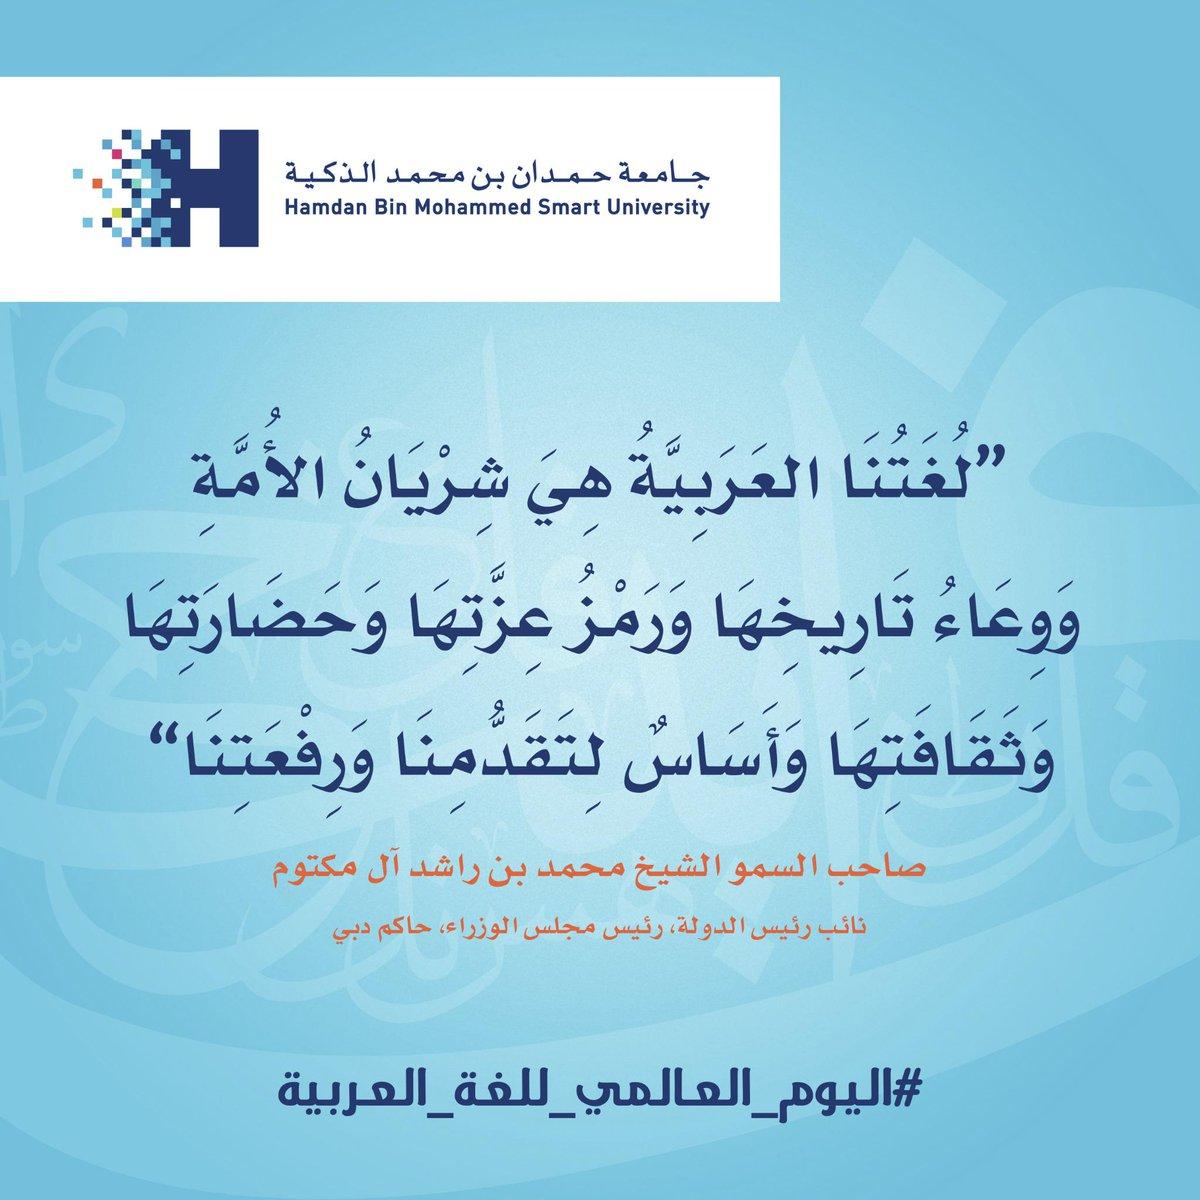 صورة اقوال في اللغة العربية 11536 2